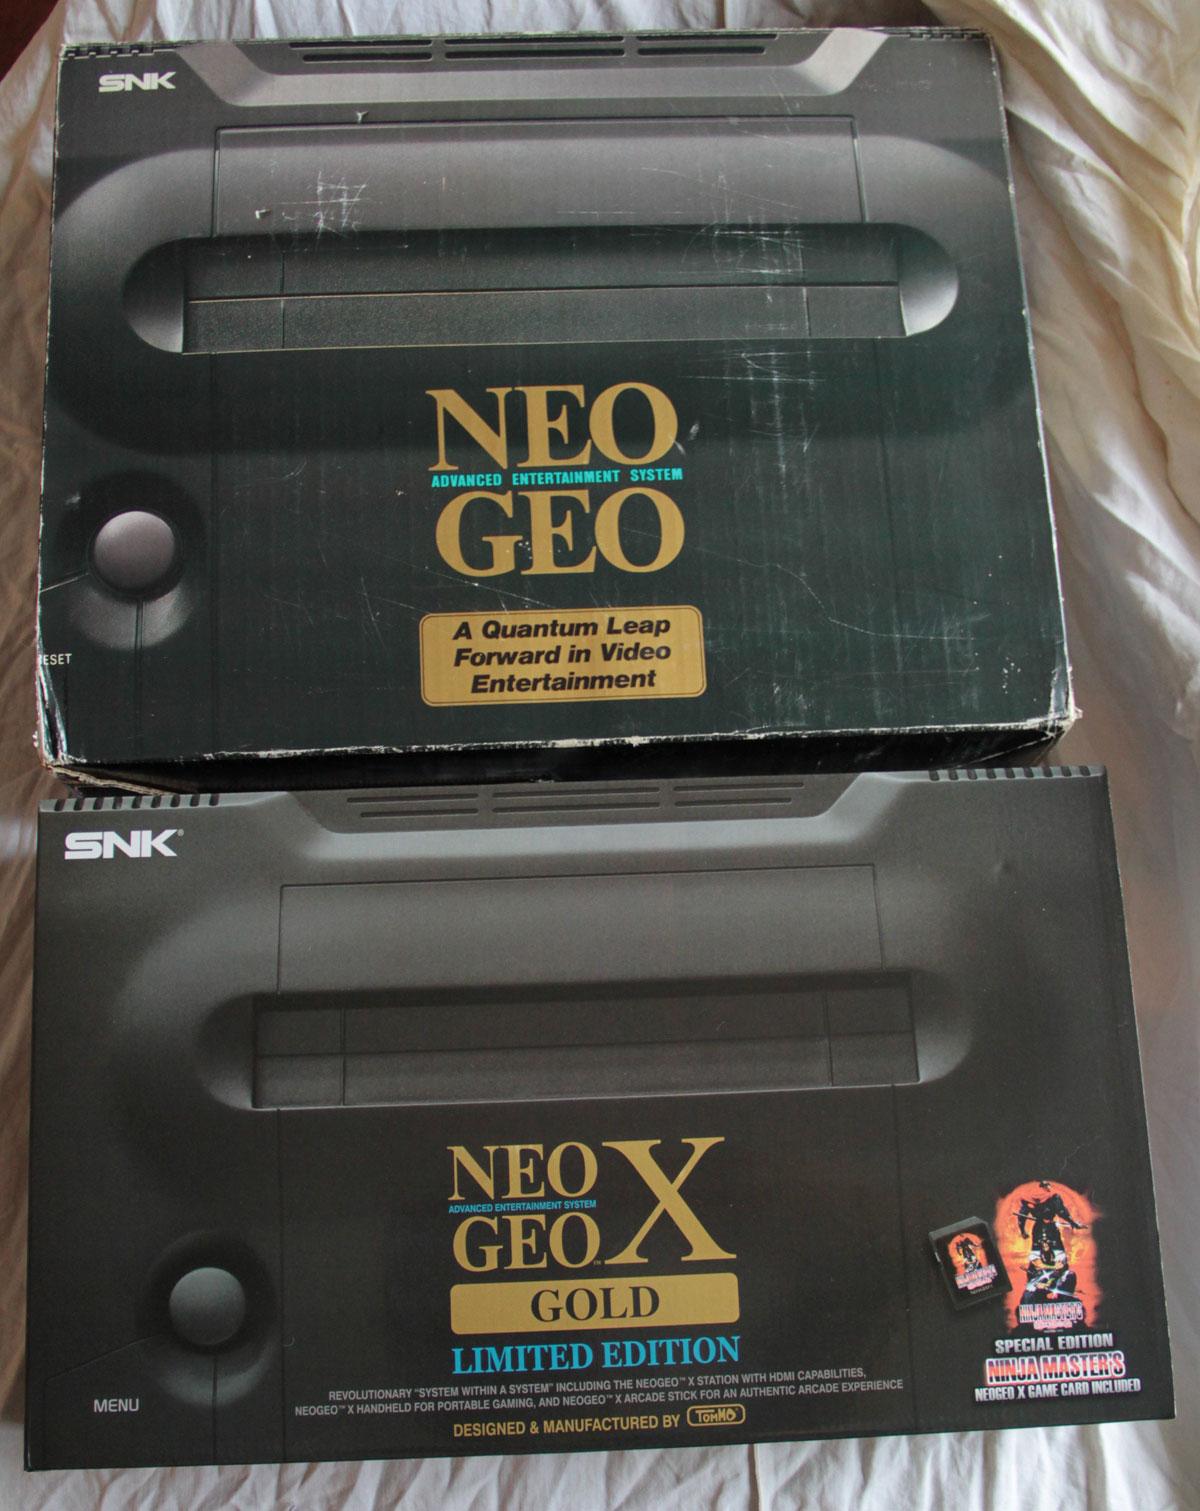 Comparaison de la boite de la Neo Geo AES et de la Neo Geo X Gold.